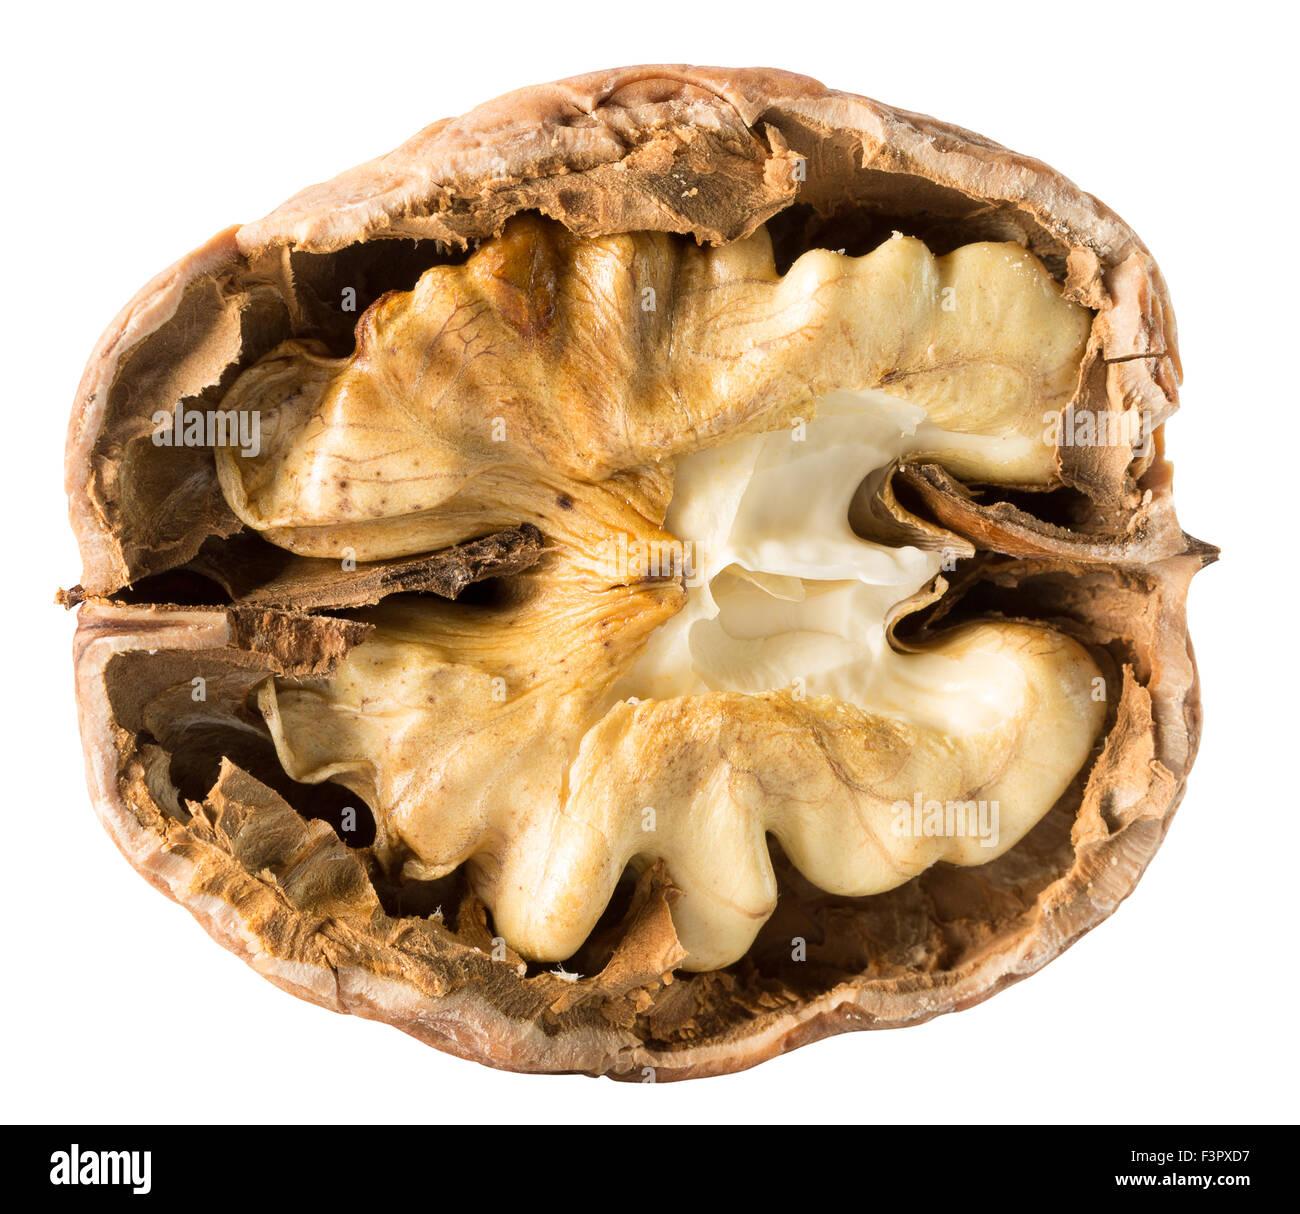 walnut nucleus isolated on the white background. - Stock Image